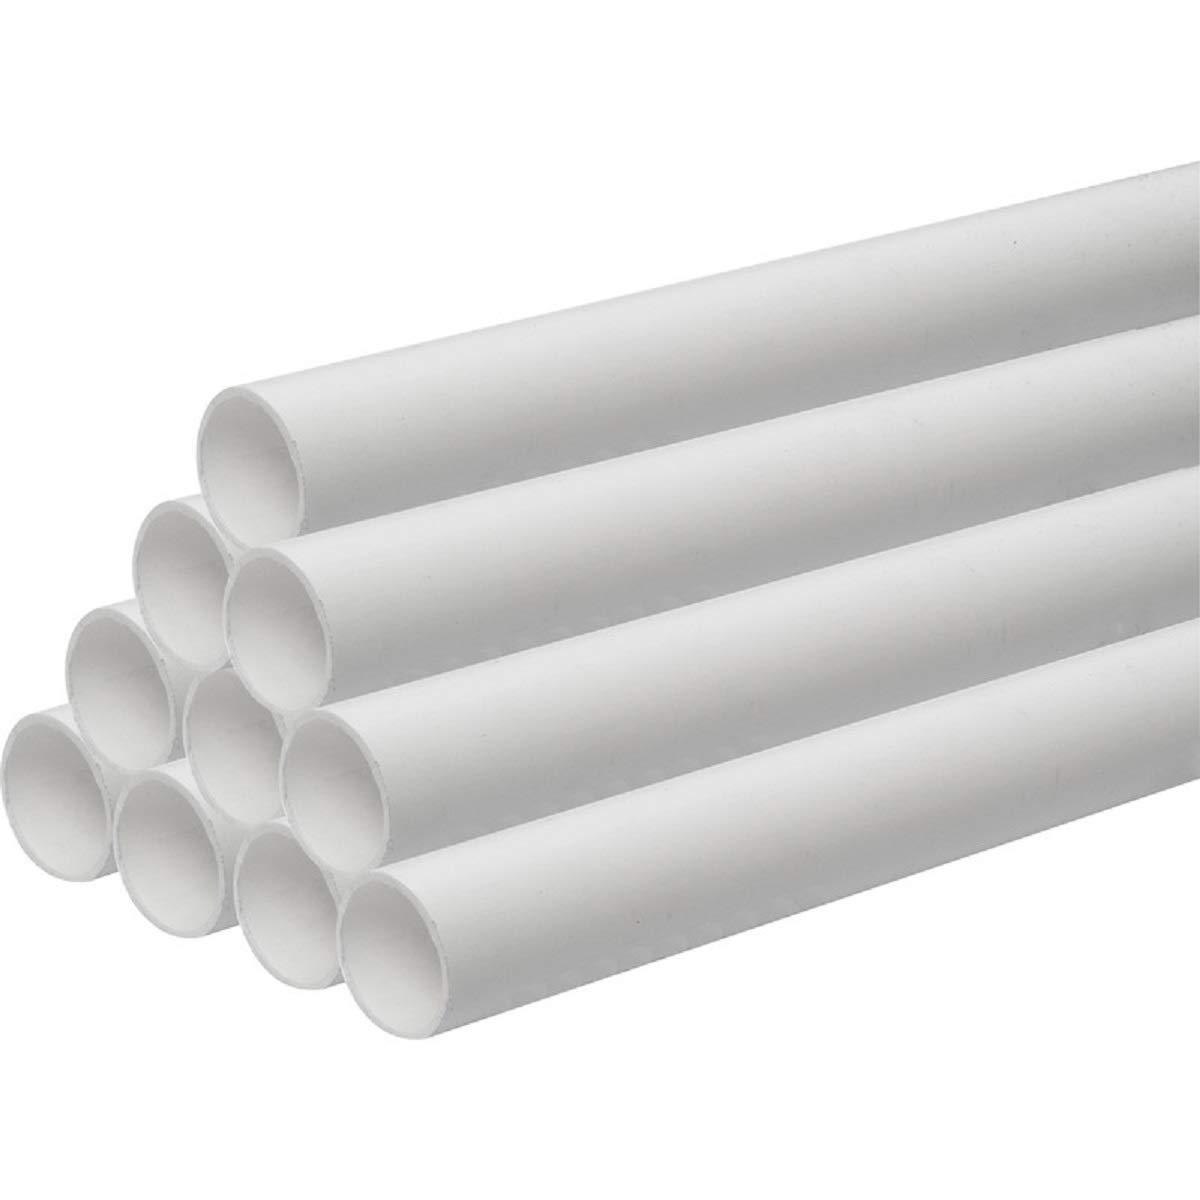 2 x 600 x 40 mm oder 32 mm zuschneidbar Solvent Schwei/ßrohr f/ür Abflussrohre Schwarz oder Wei/ß